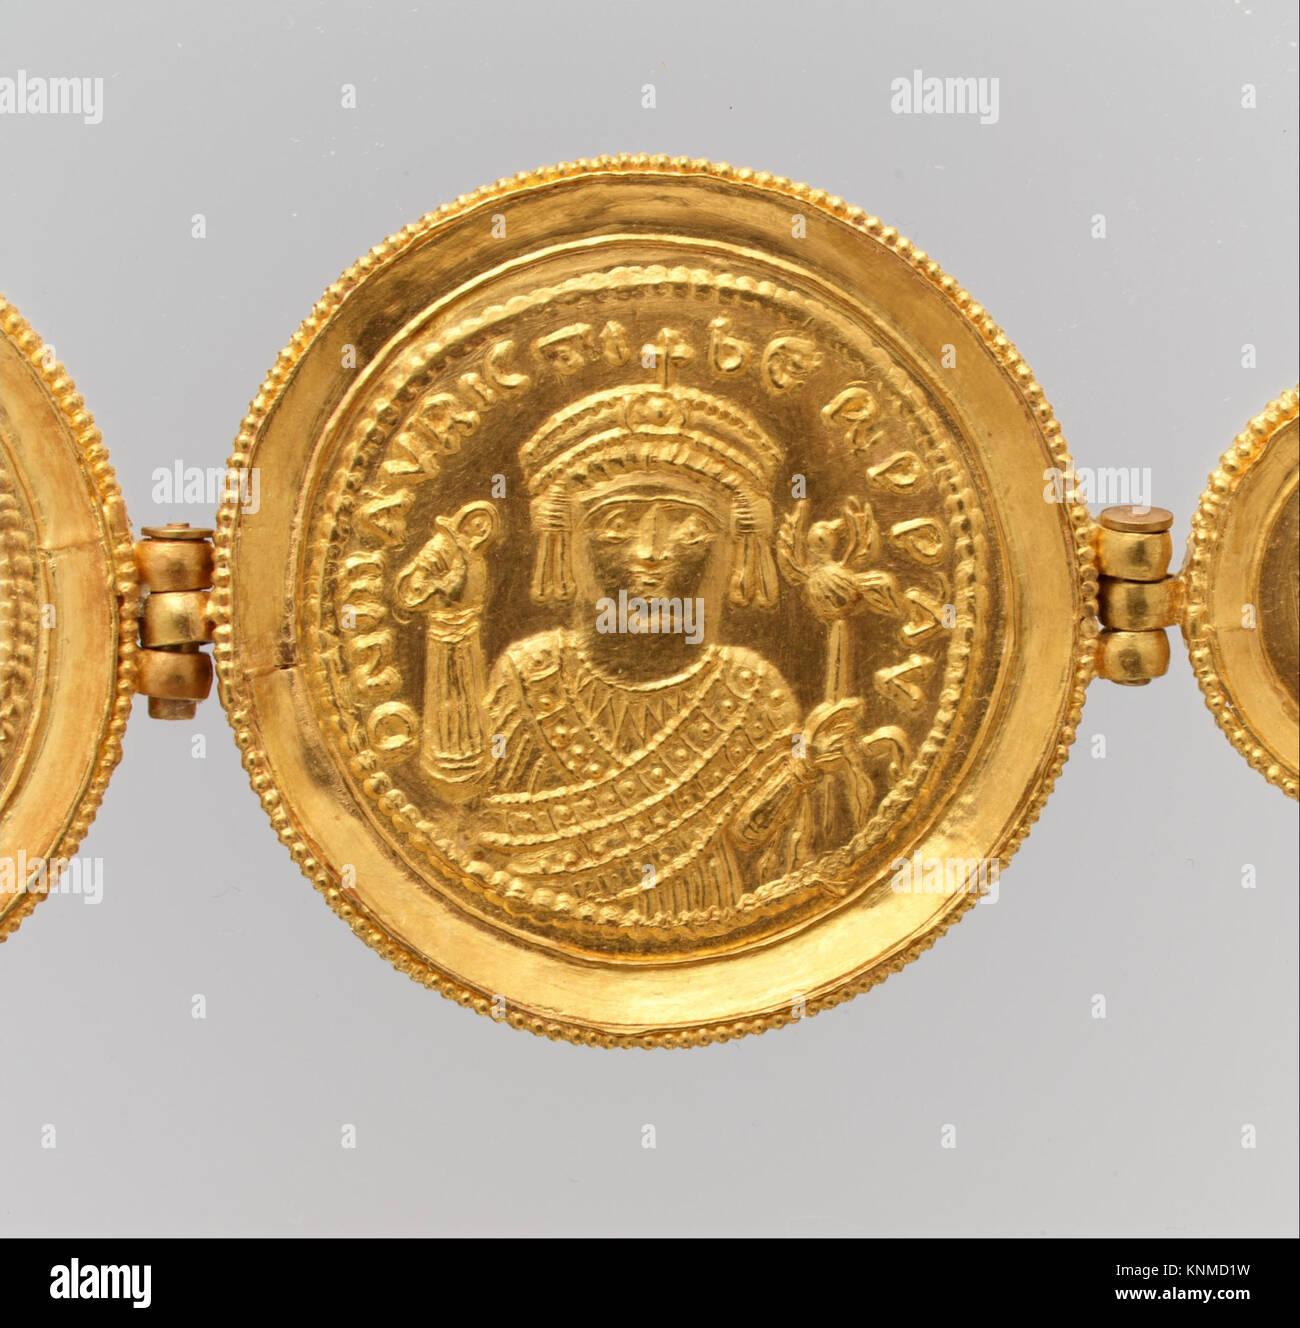 Gürtel Mit Münzen Und Medaillen Met Dp 30688 464030 Byzantinischen